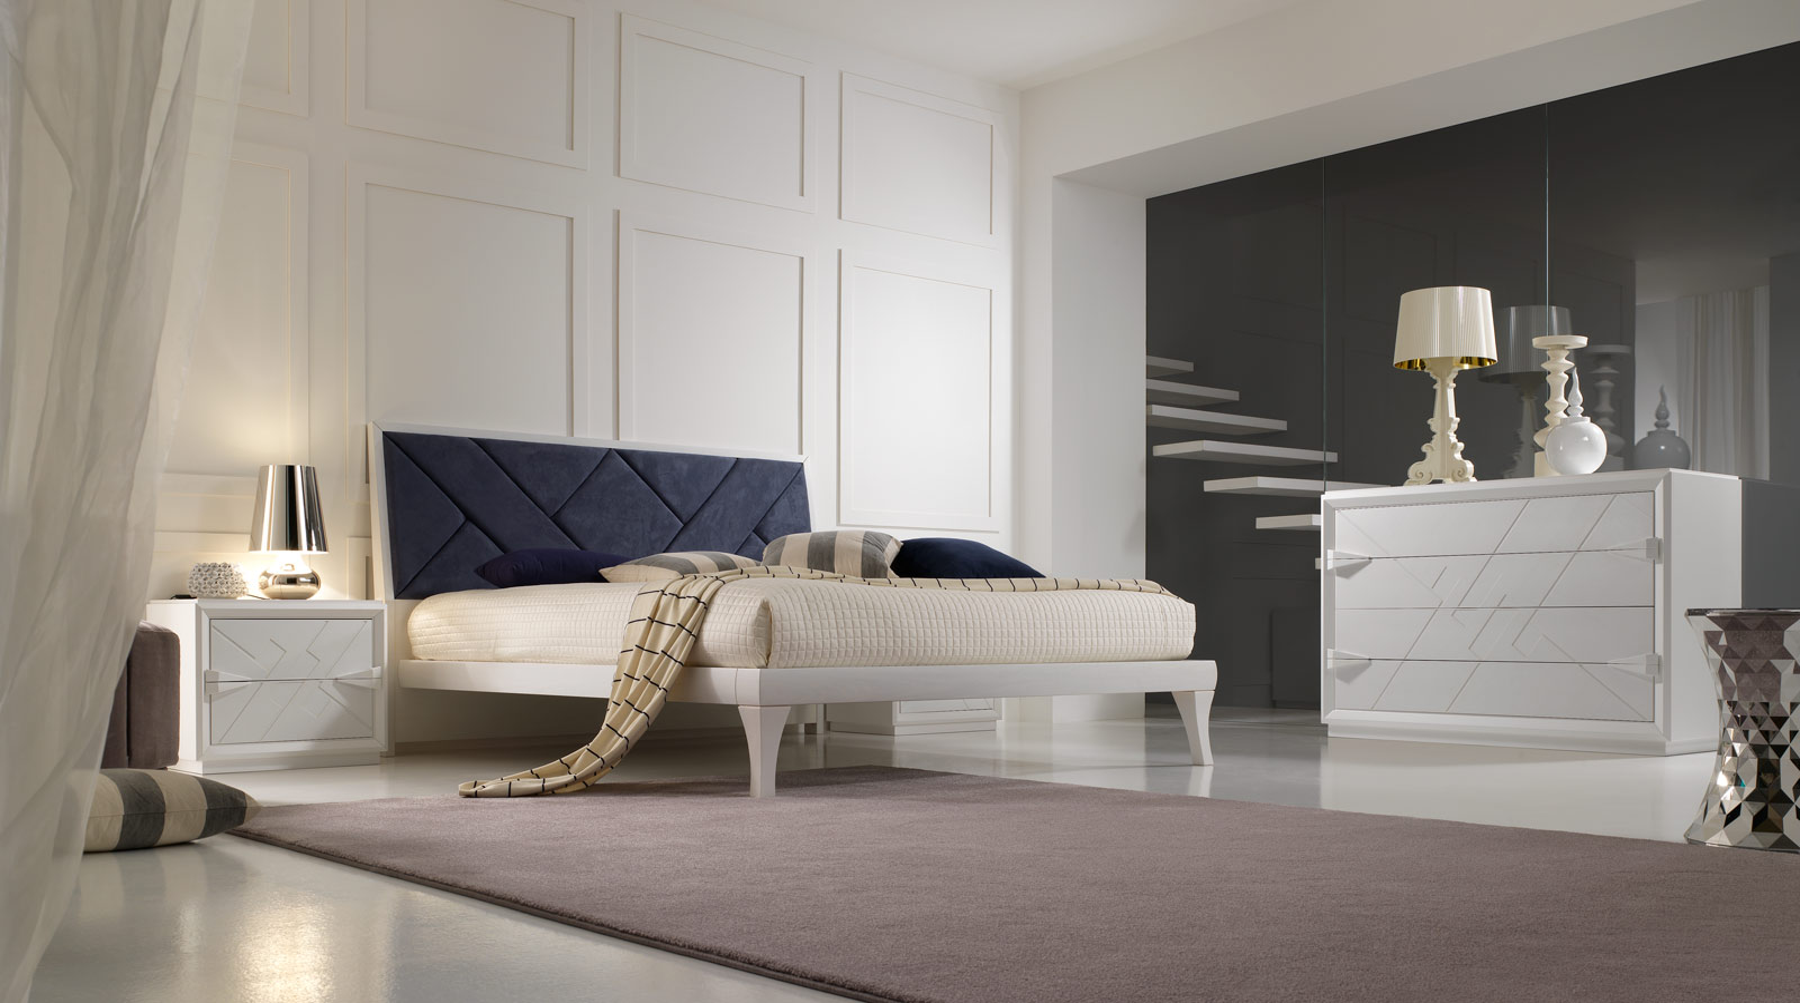 arredo zona notte stilema - tolomello interior design a napoli e a ... - Stilema Camera Da Letto